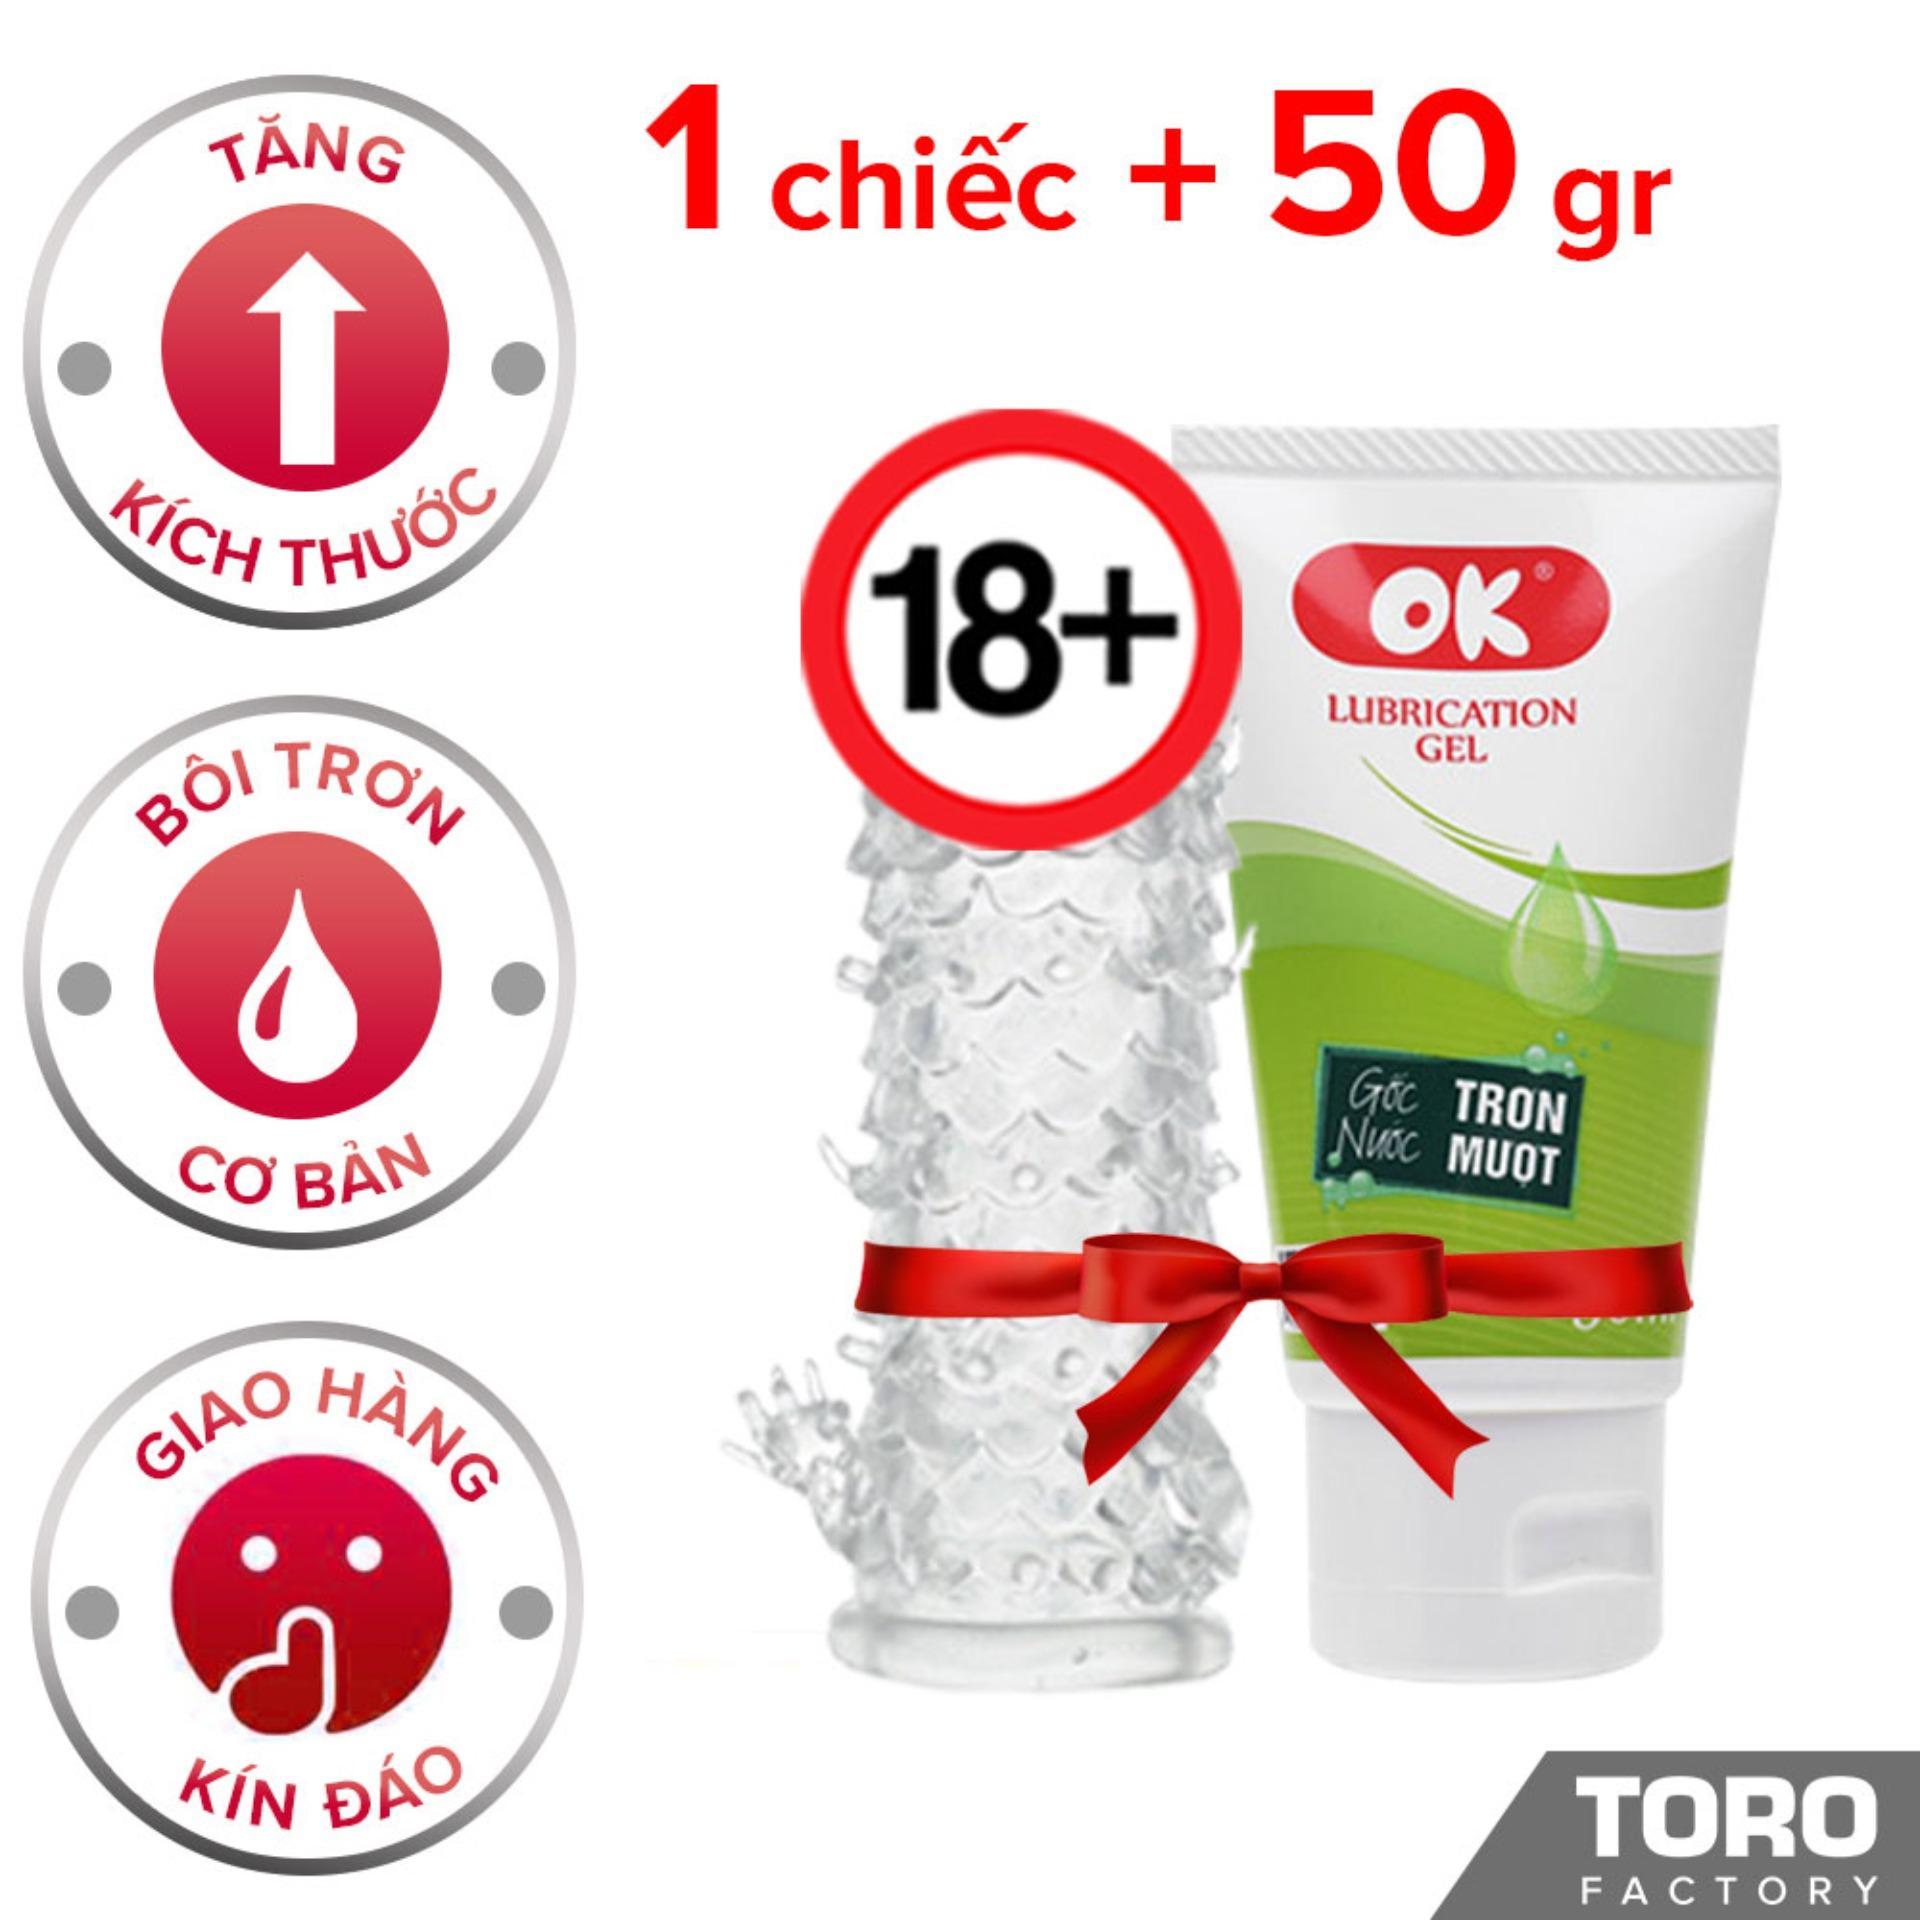 Combo Bao Cao Su Đôn Dên Kiểu Baile  + 1 gel bôi trơn OK - Toroshop